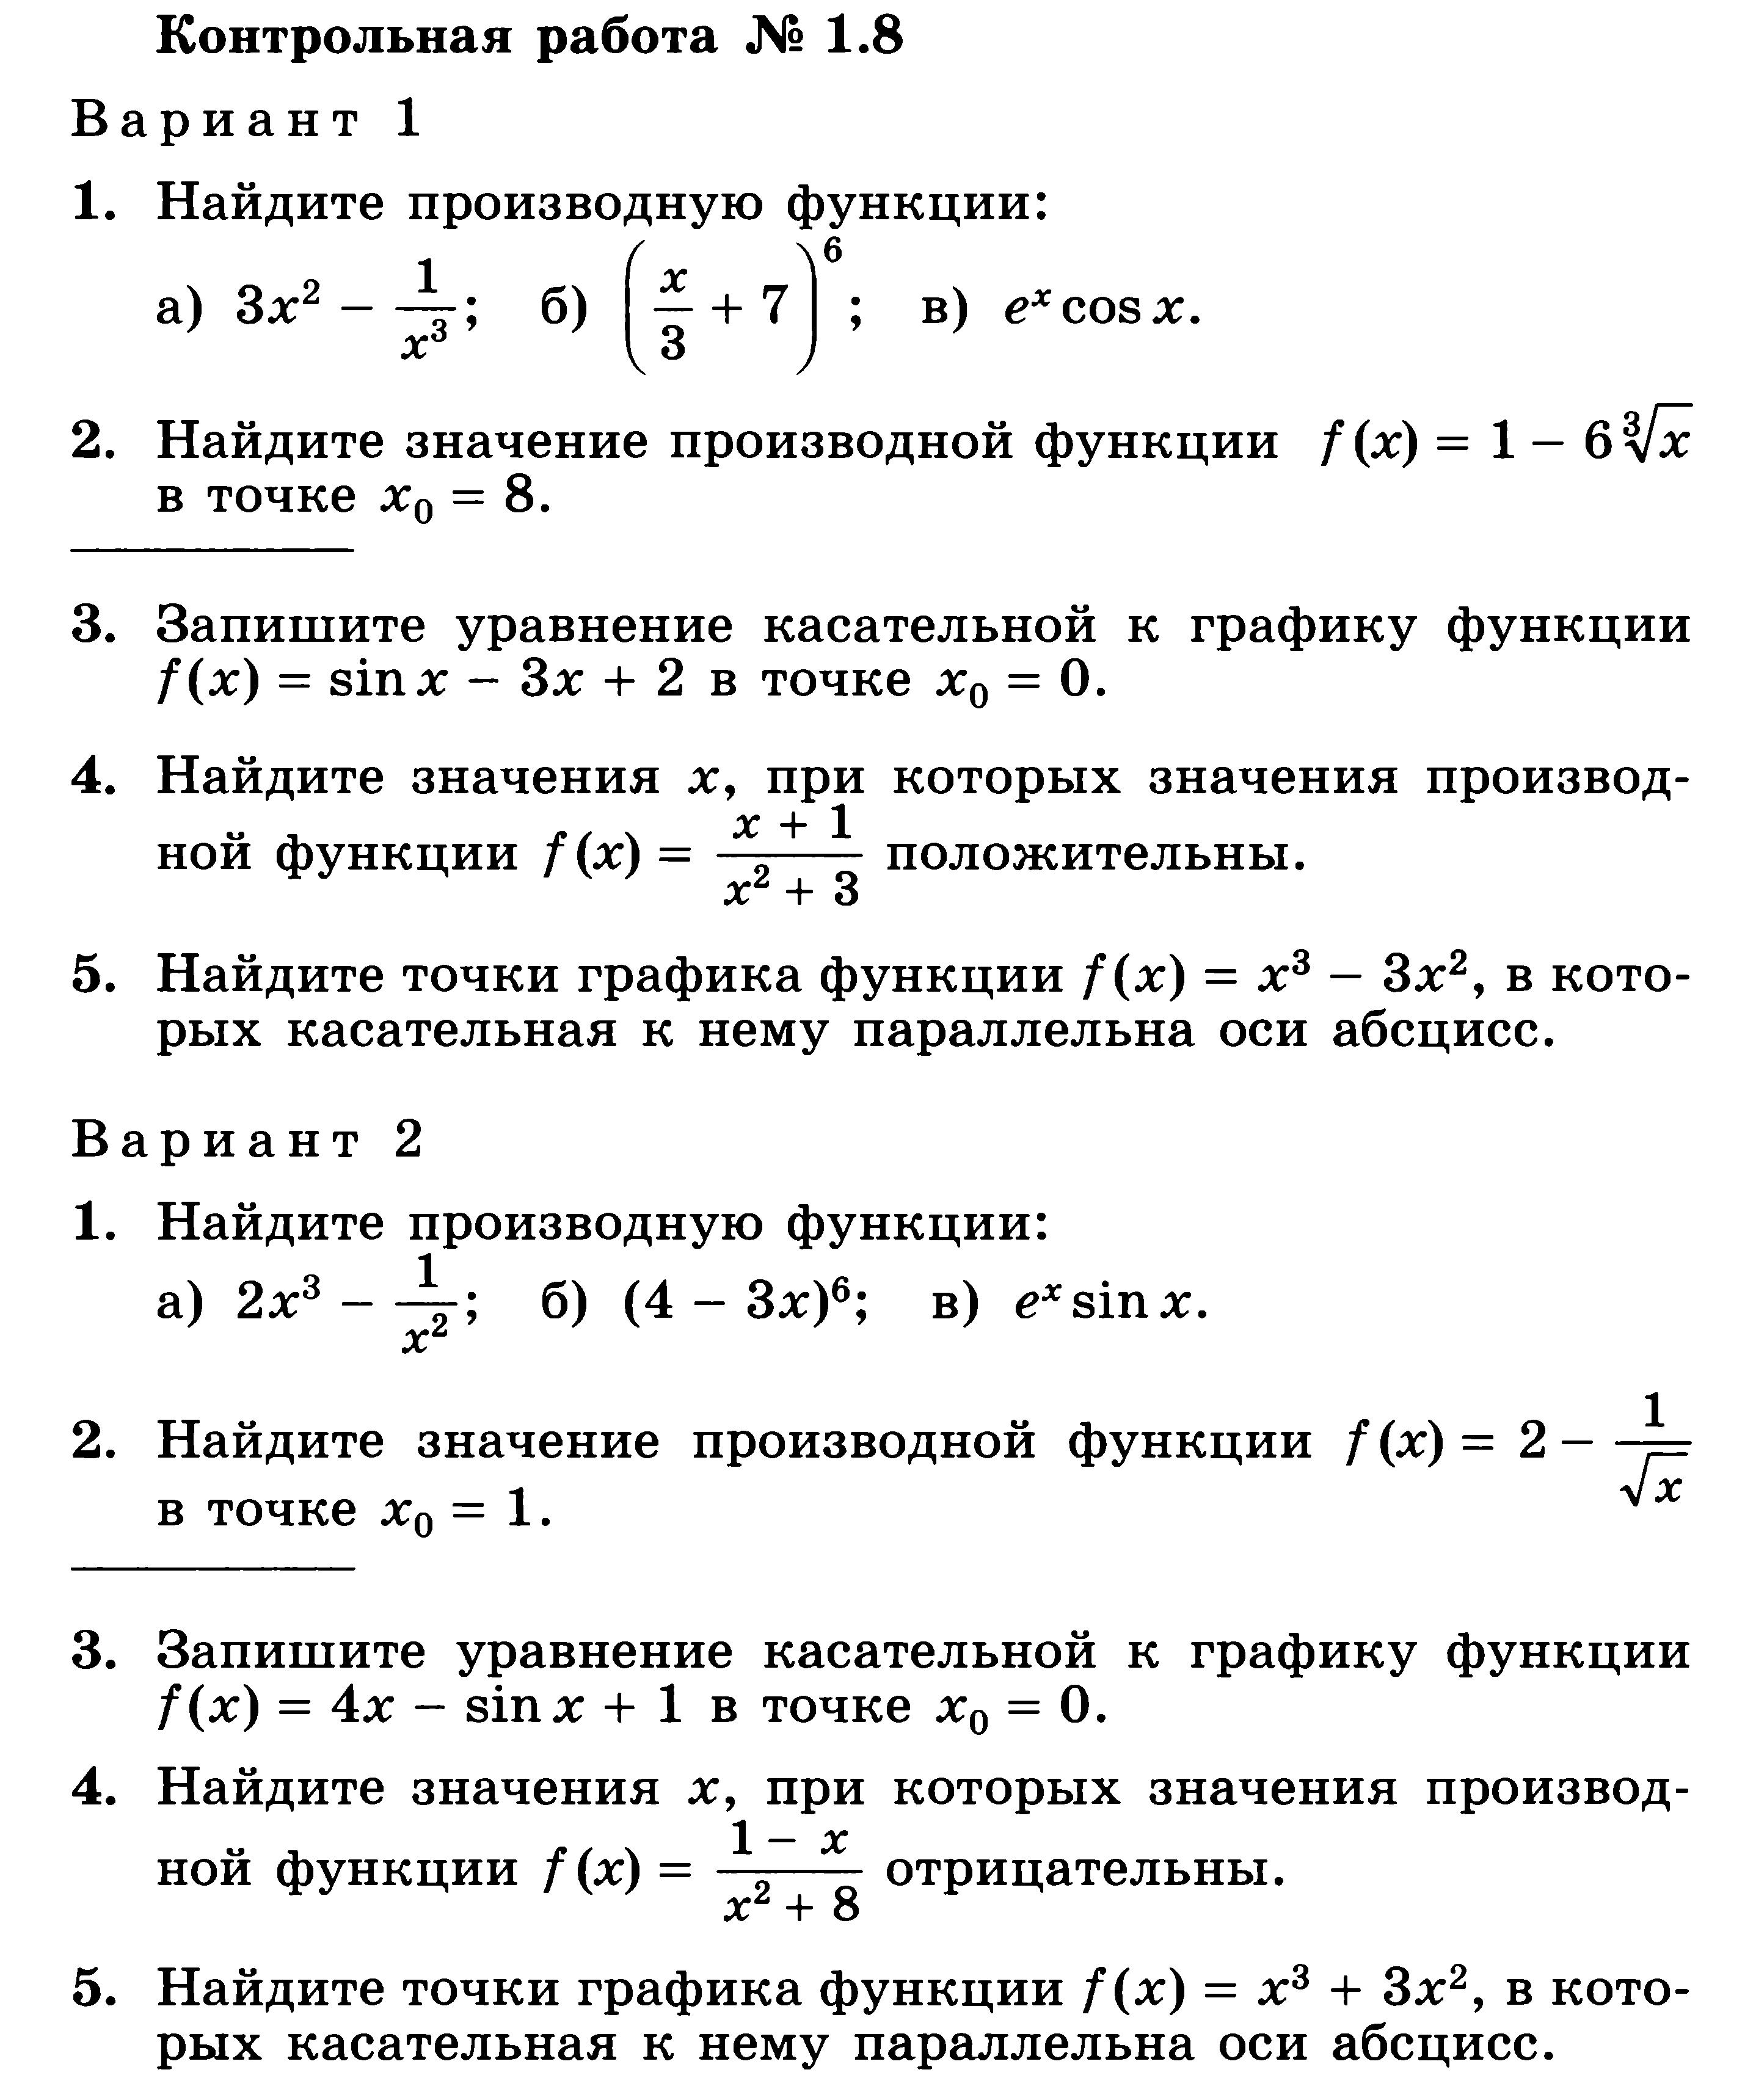 Учебник по математике 5 класс козлова рубин решебник